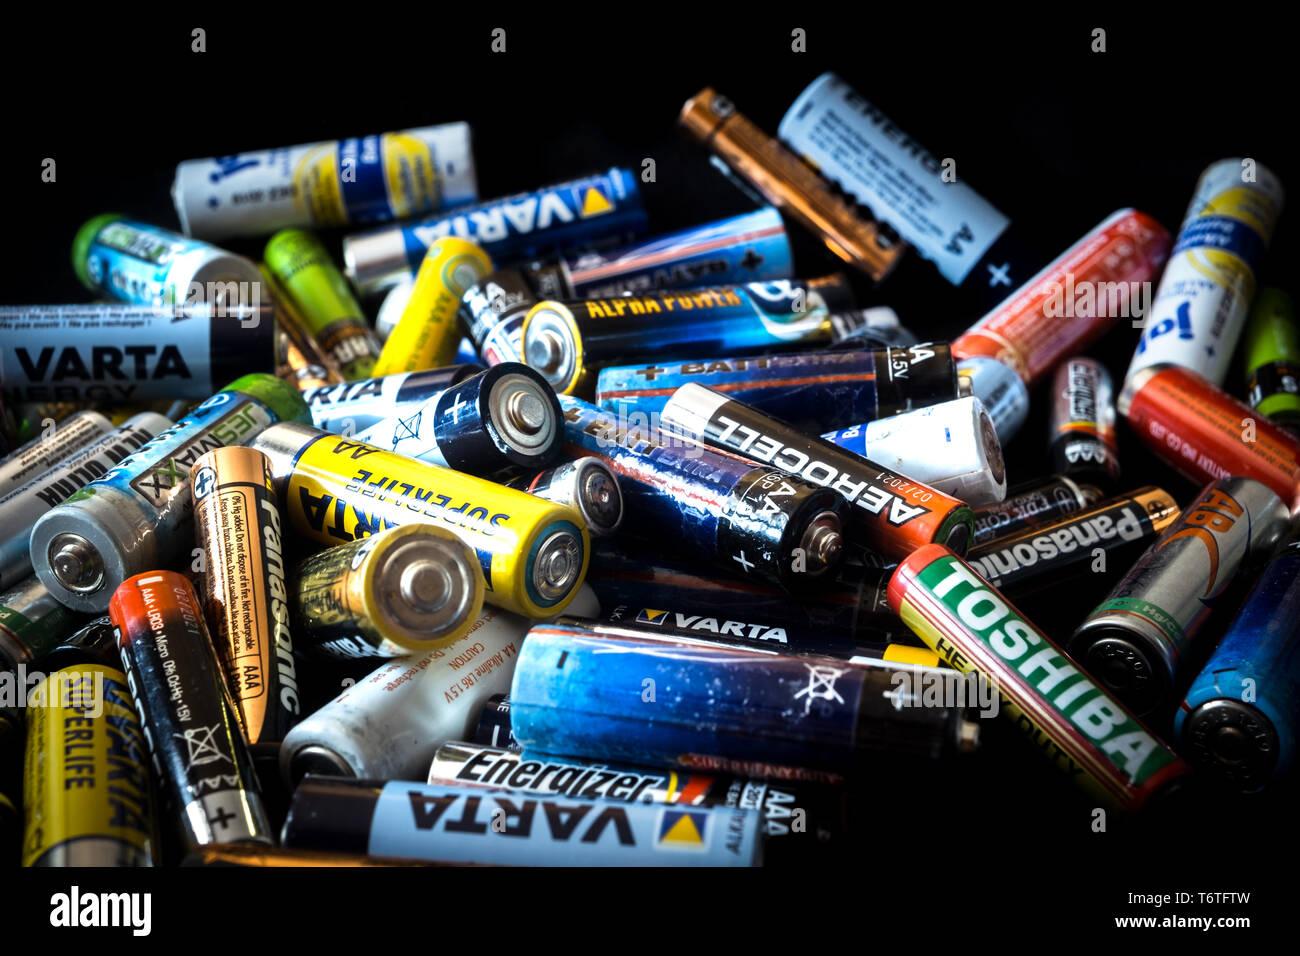 Batteries Various Stock Photos & Batteries Various Stock